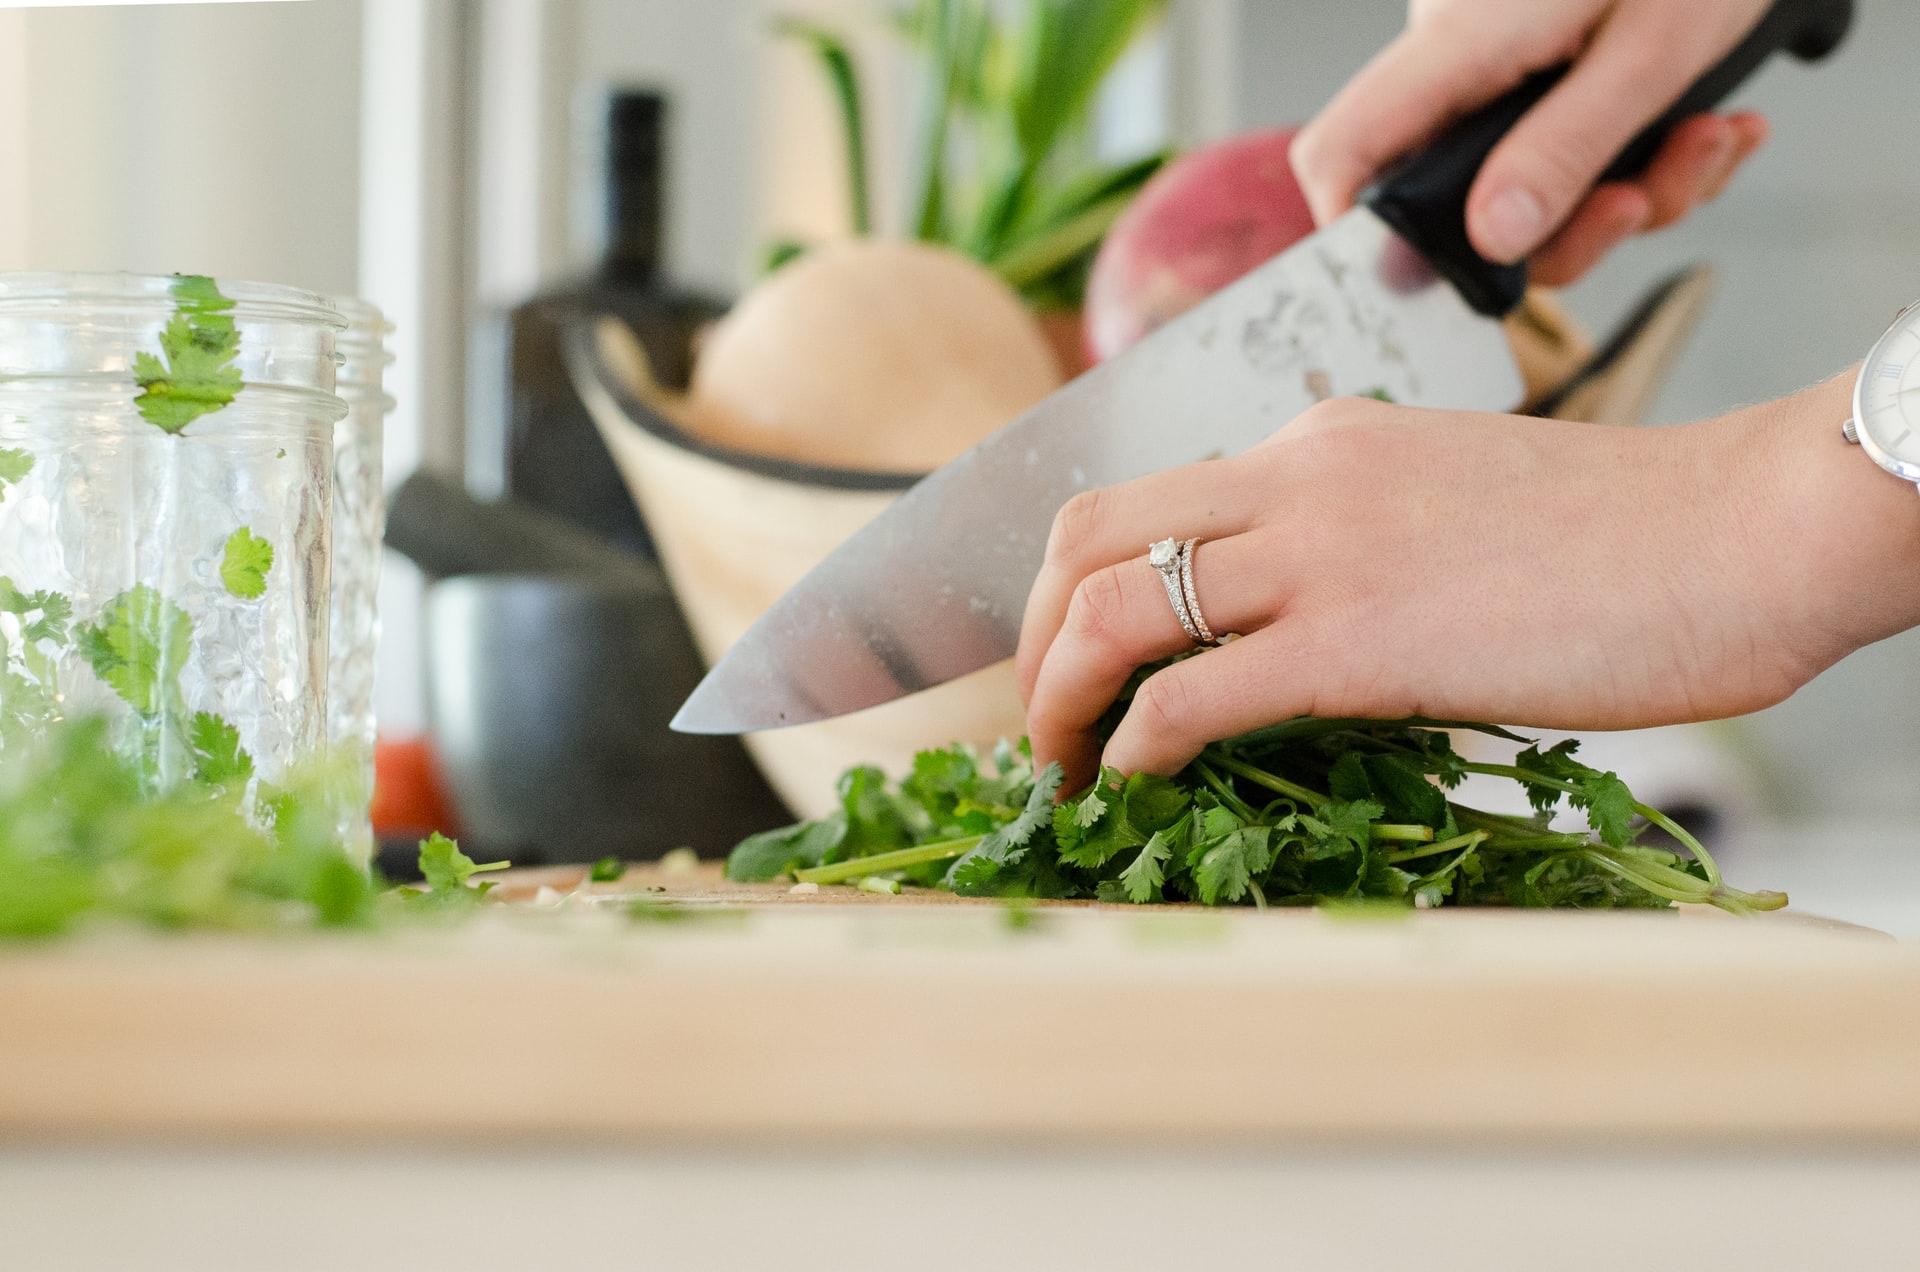 バーベキューの野菜は大きく厚めに切る